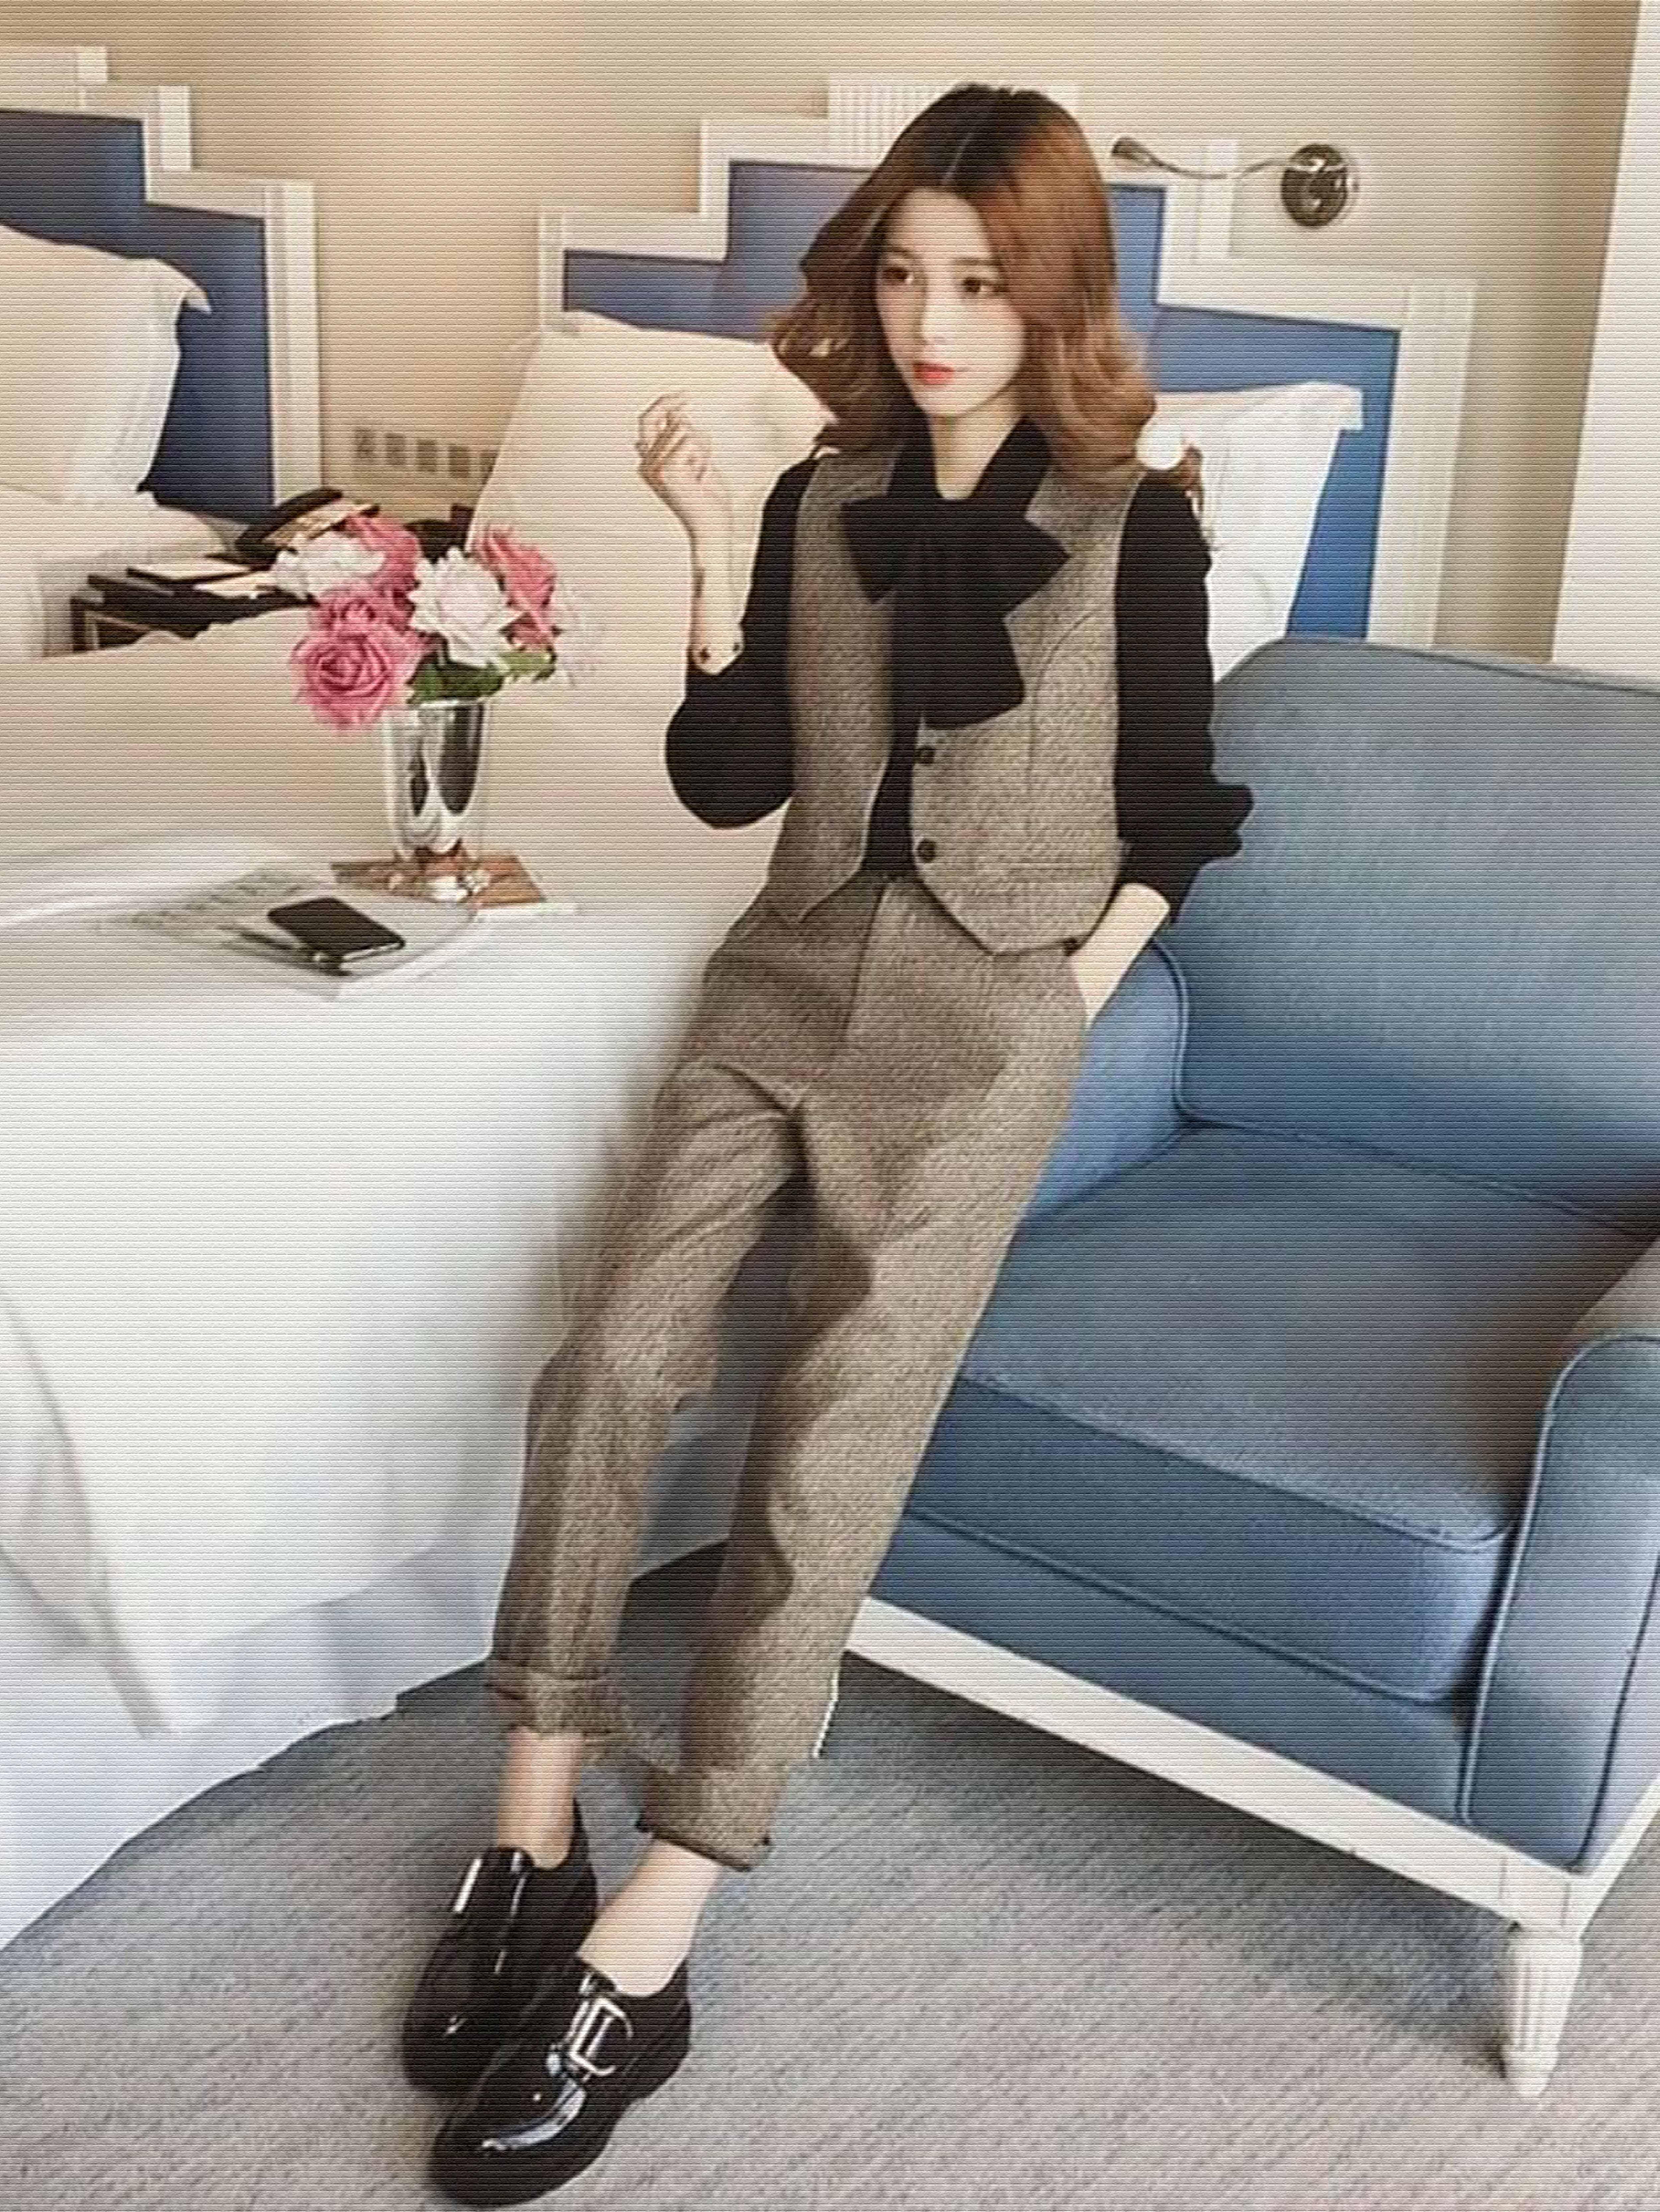 秋季新款洋气七分袖衬衫+复古西装马甲+休闲长裤三件套时尚套装